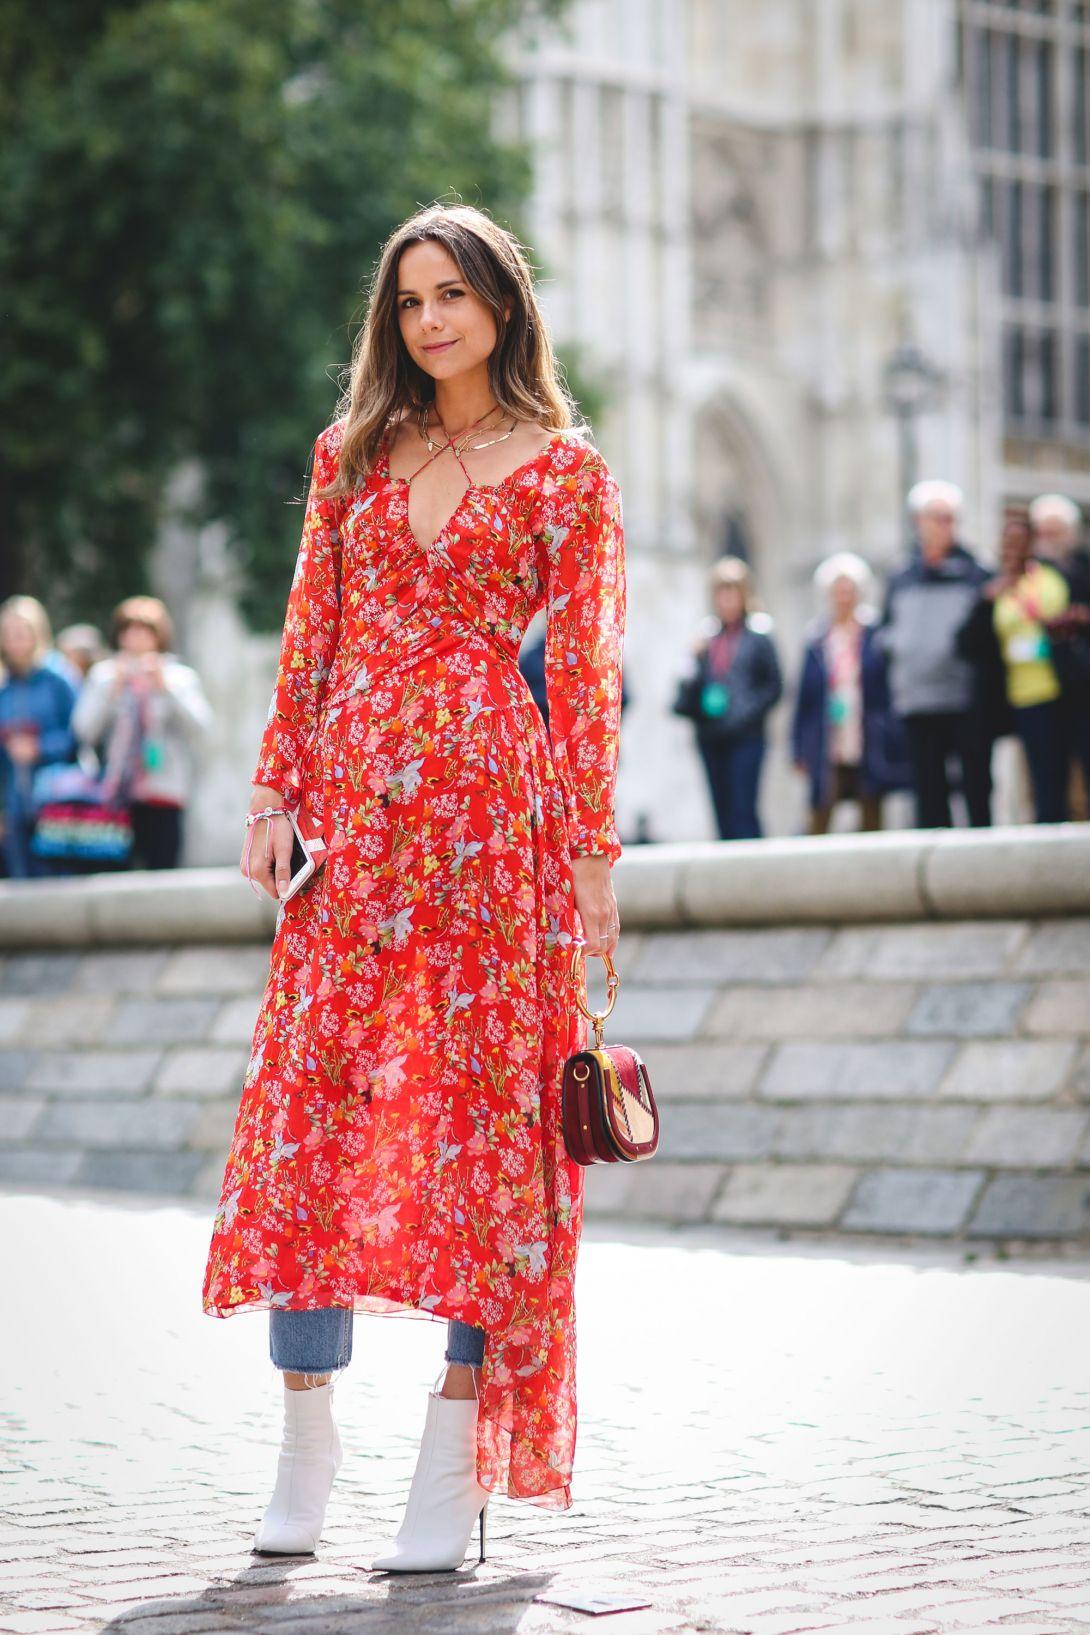 春夏裙裝也能在冬季穿出新生命:5 個洋裝 X 丹寧褲穿搭提案 - The Femin